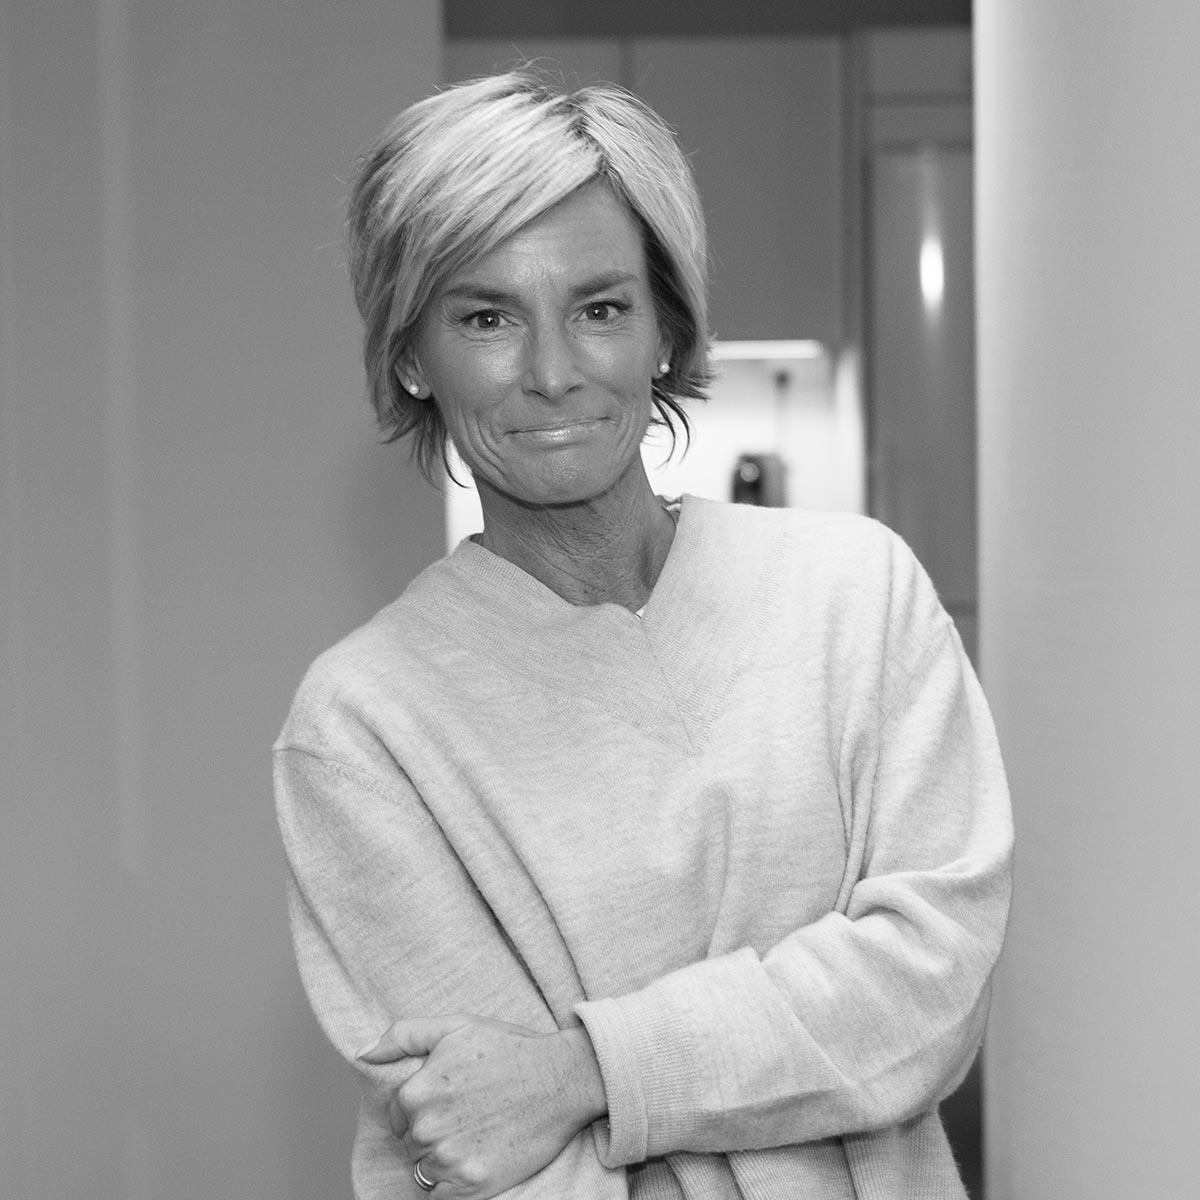 Åsa Olofsson